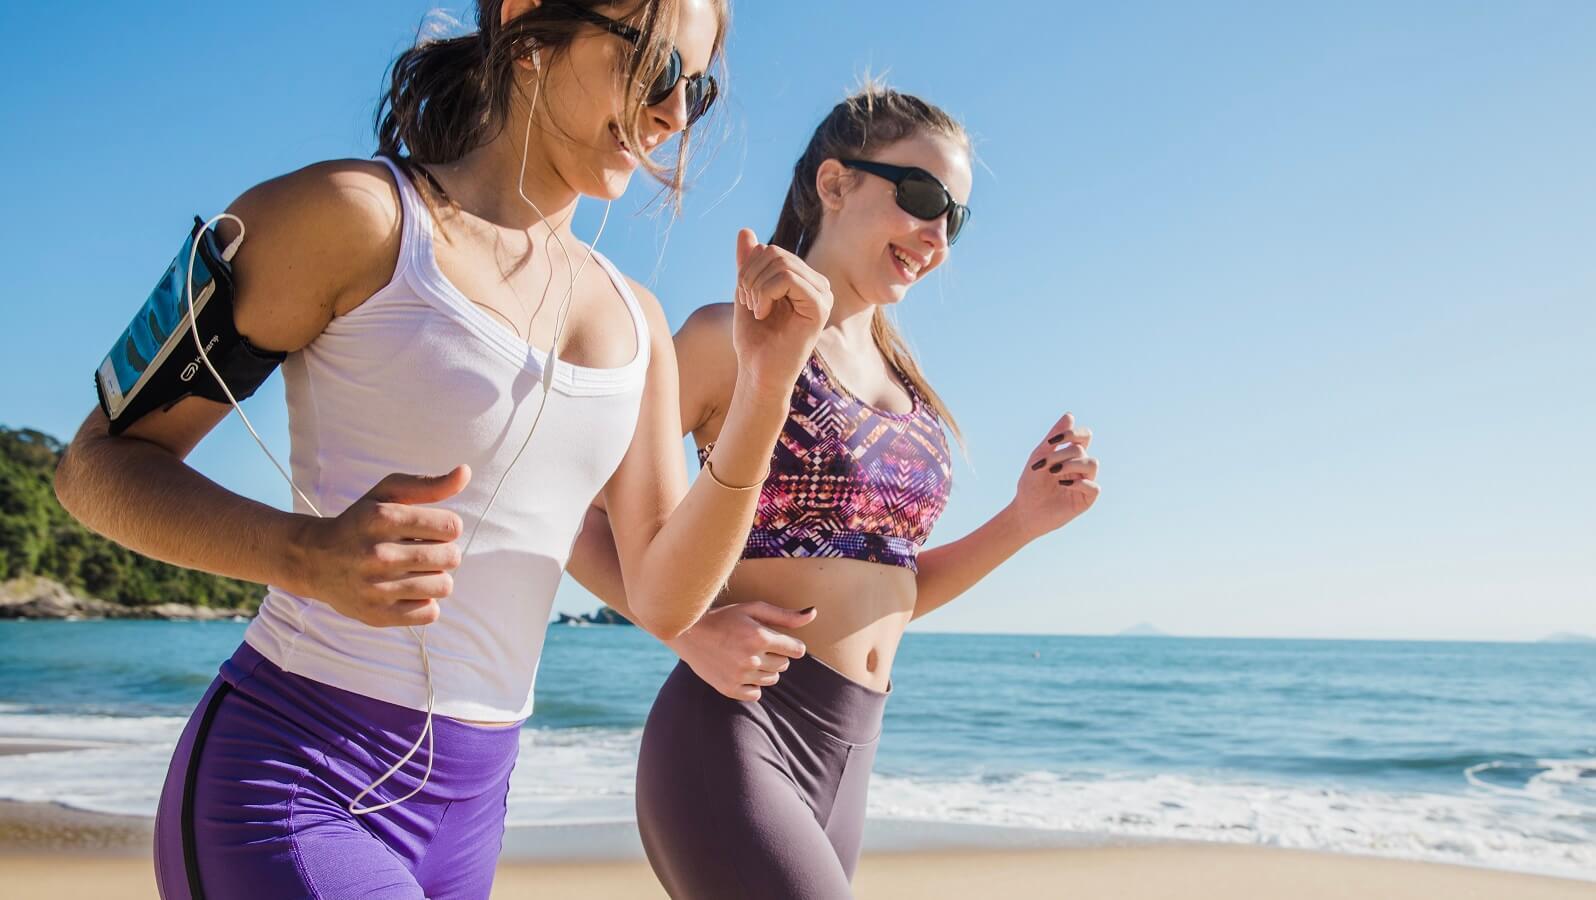 Lưu ý khi thực hiện bài tập chạy bộ giảm cân